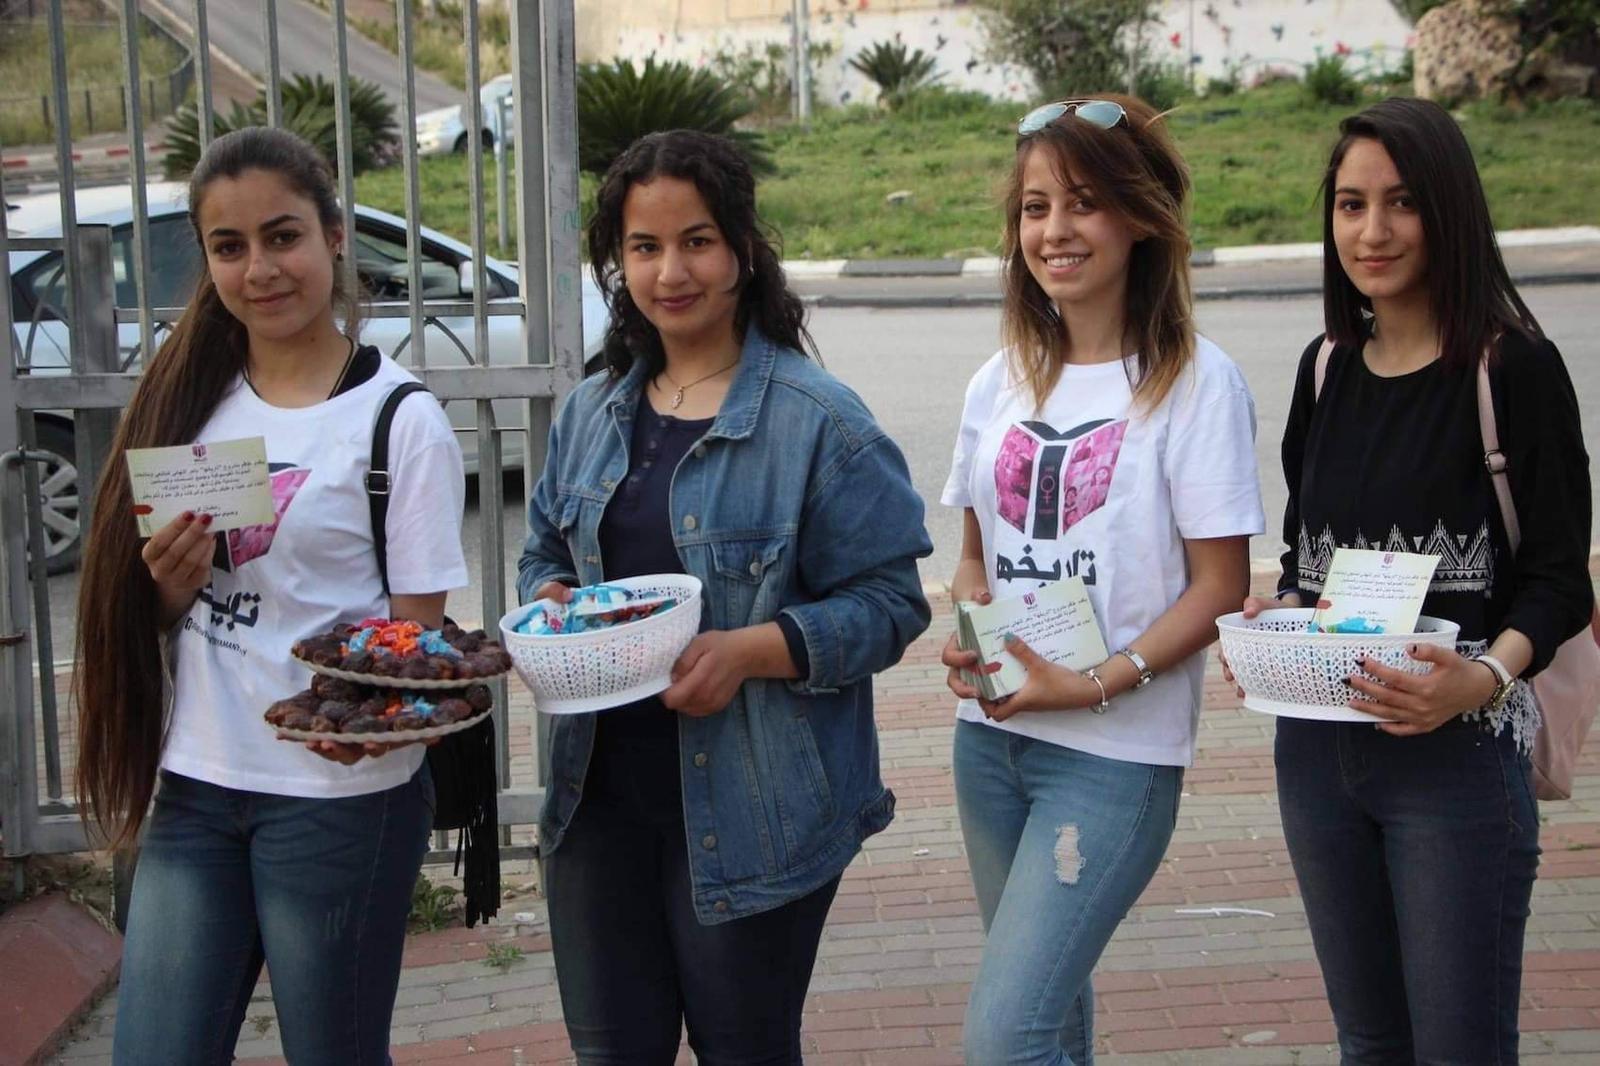 توزيع التمور وبطاقات المُعايدة... لفتة رمضانيّة لأماني الكيلاني ومتطوّعات تاريخها